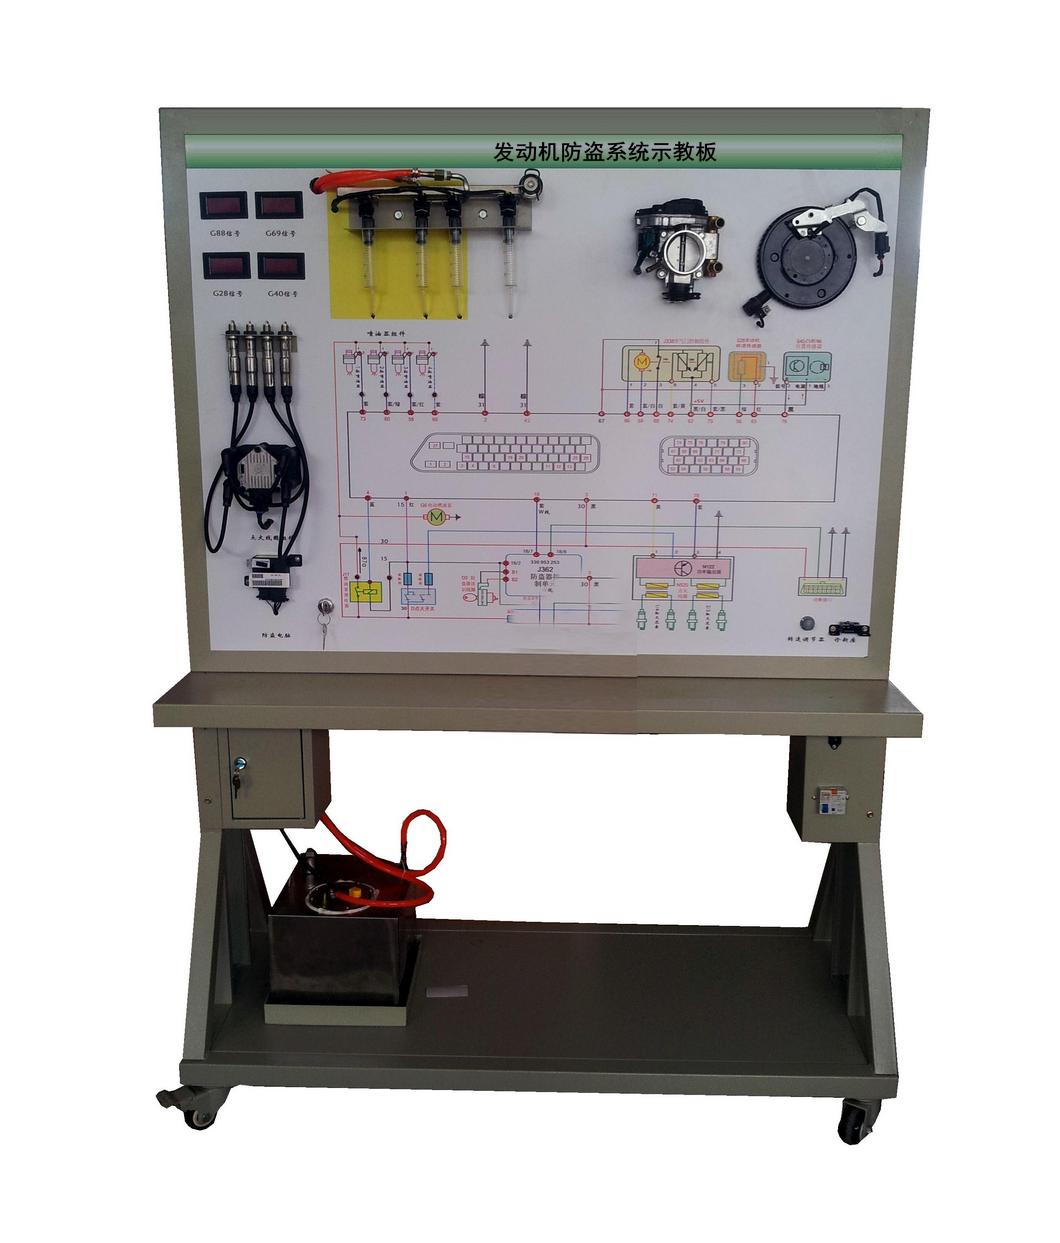 可直接在面板上检测汽车发动机防盗系统各电路元件的